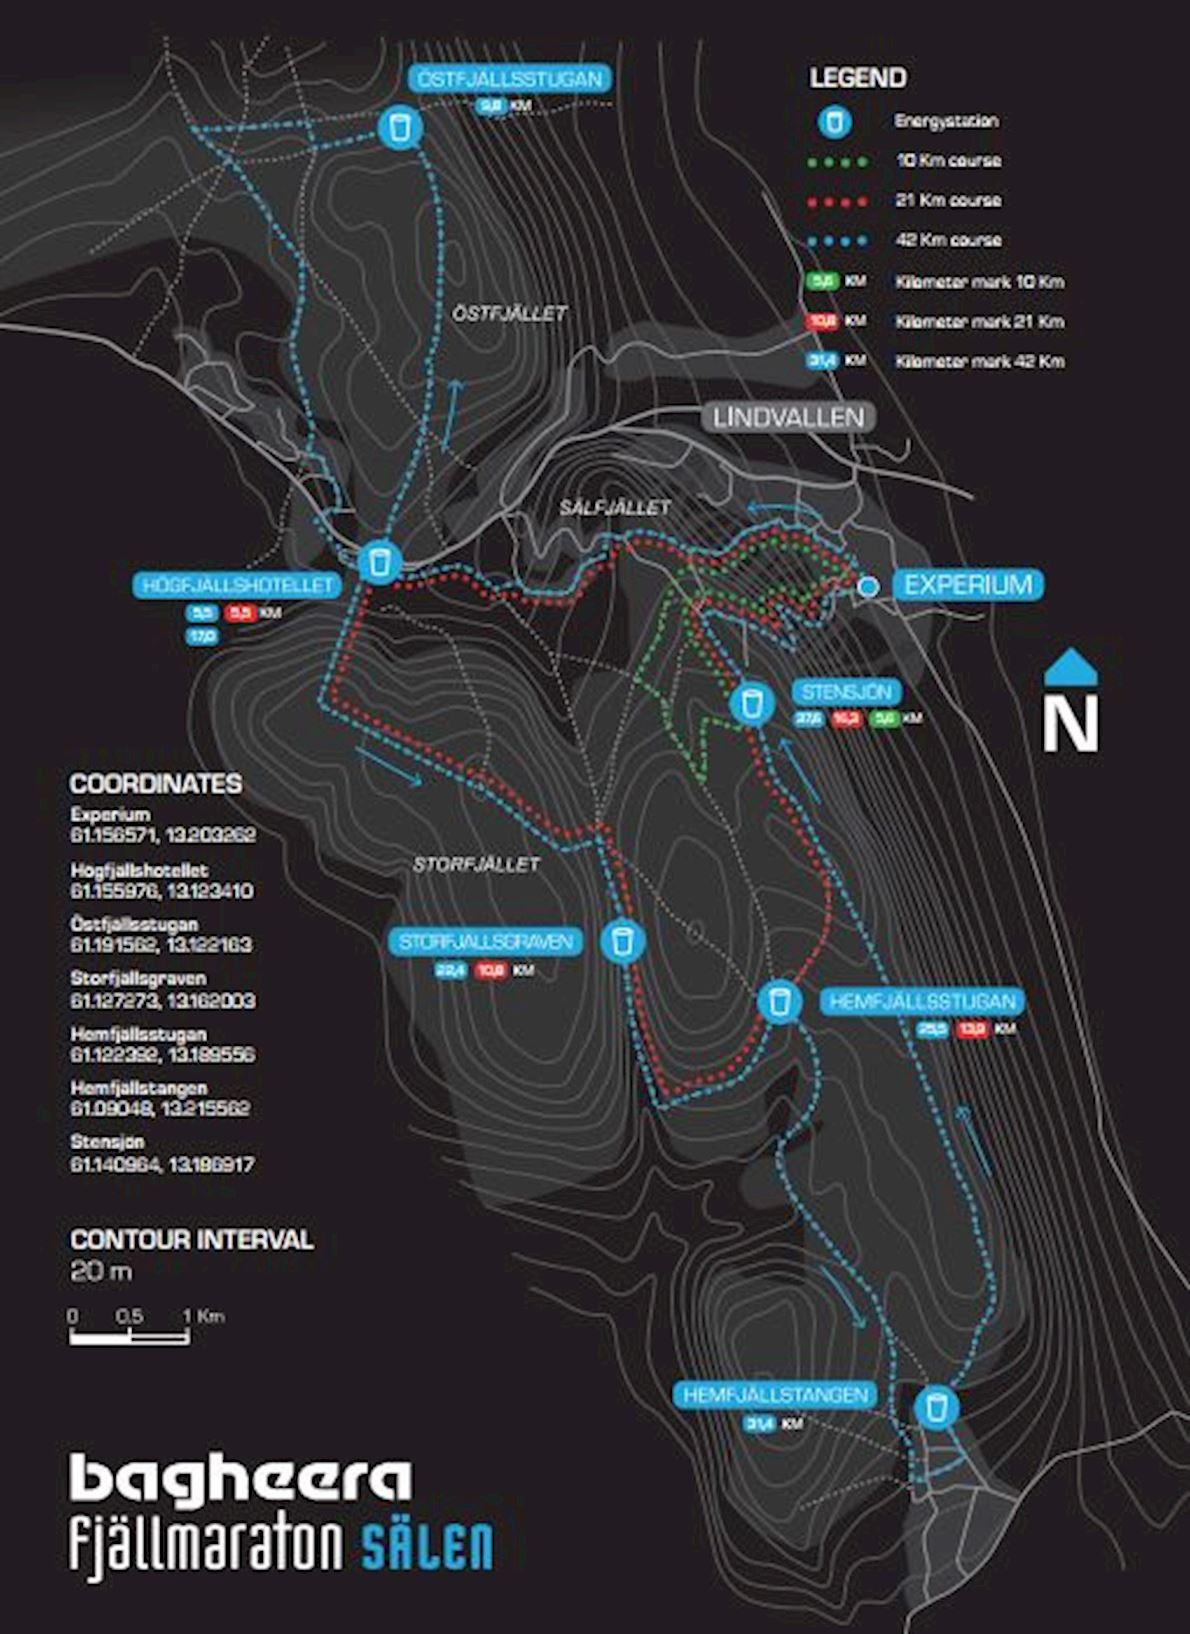 Bagheera Fjällmarathon Sälen Route Map